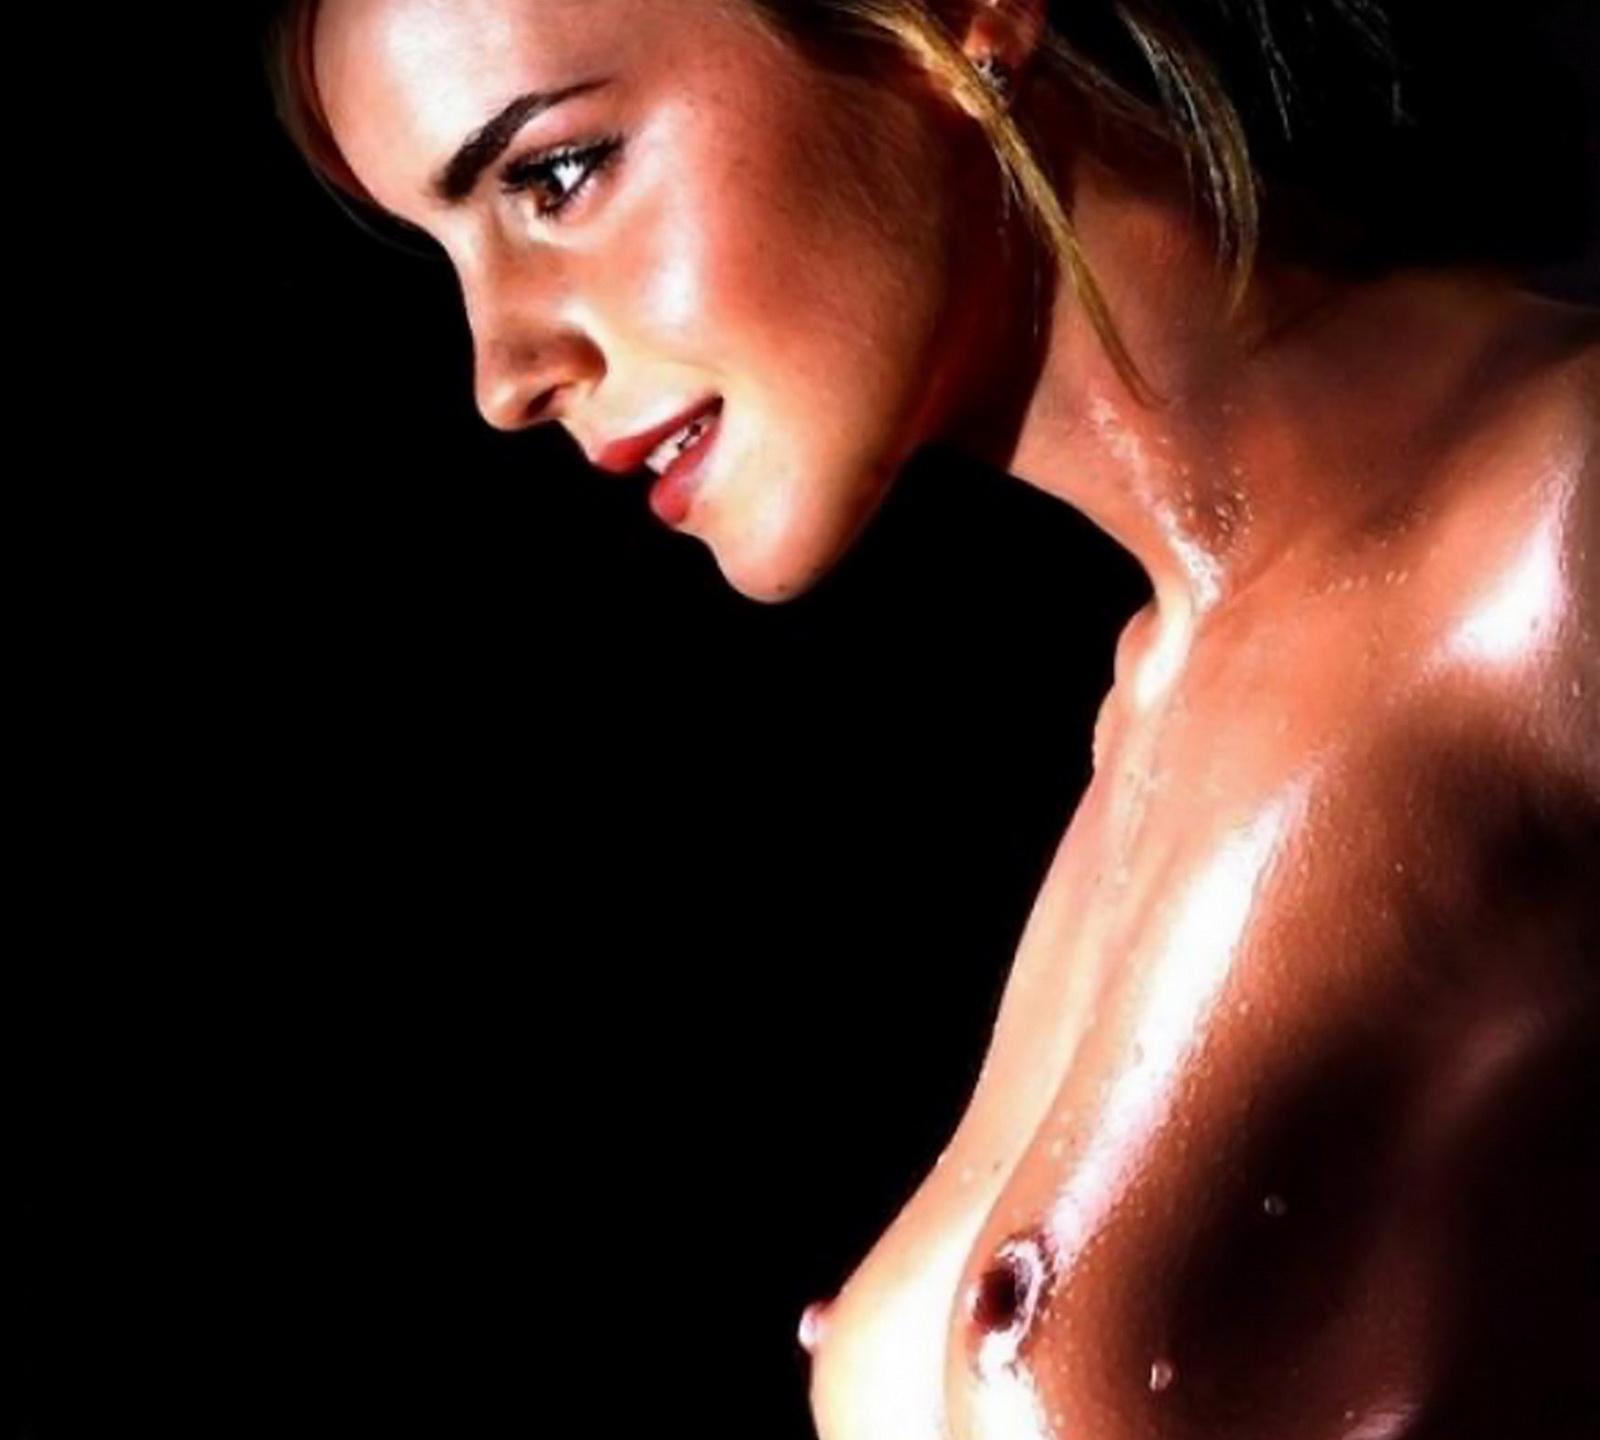 Emma watsons naked tits